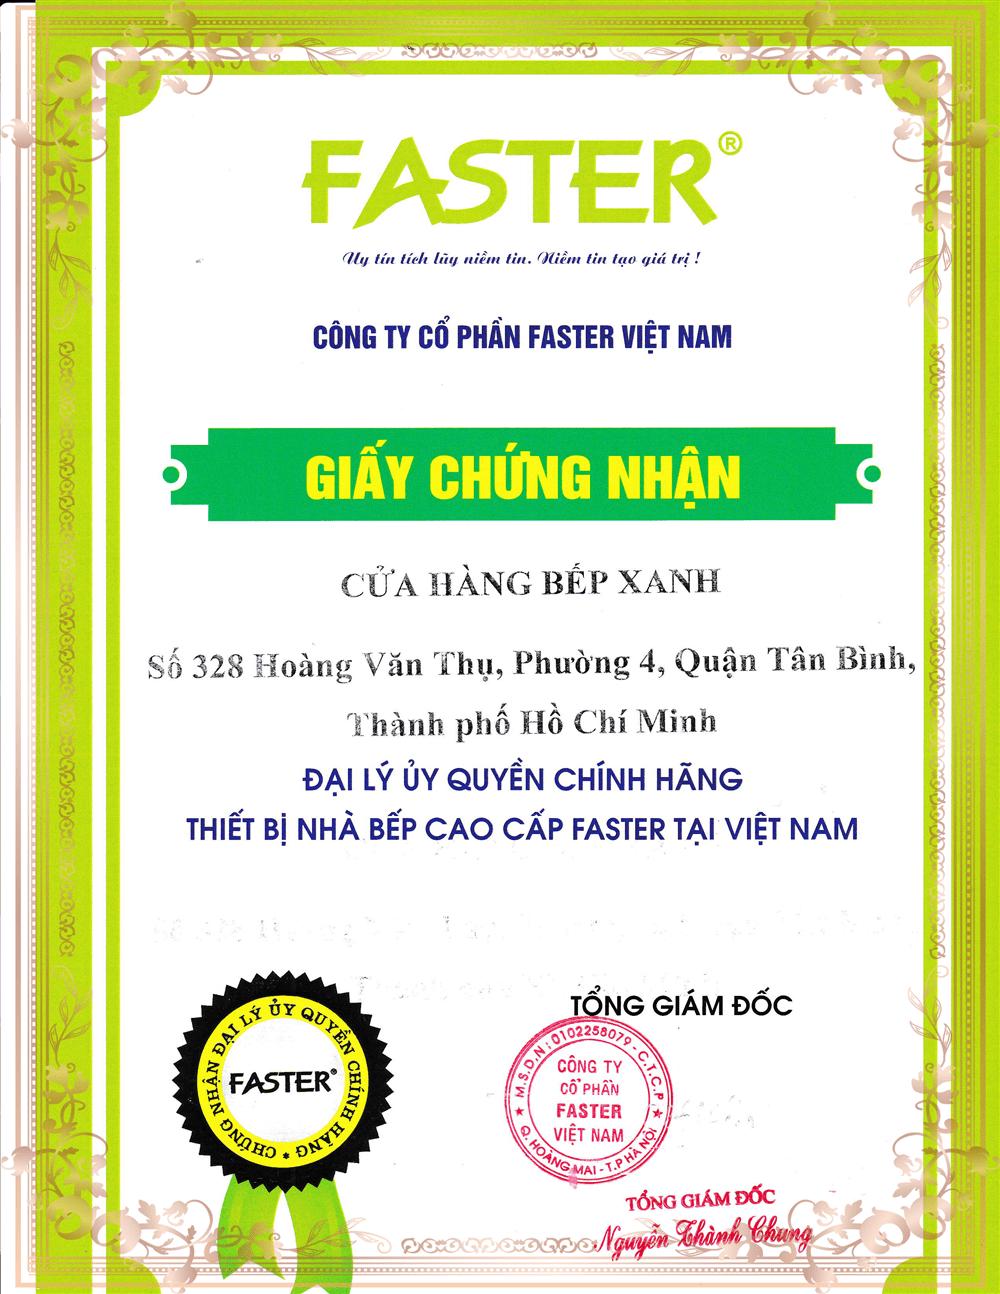 Chứng nhận phân phối Faster